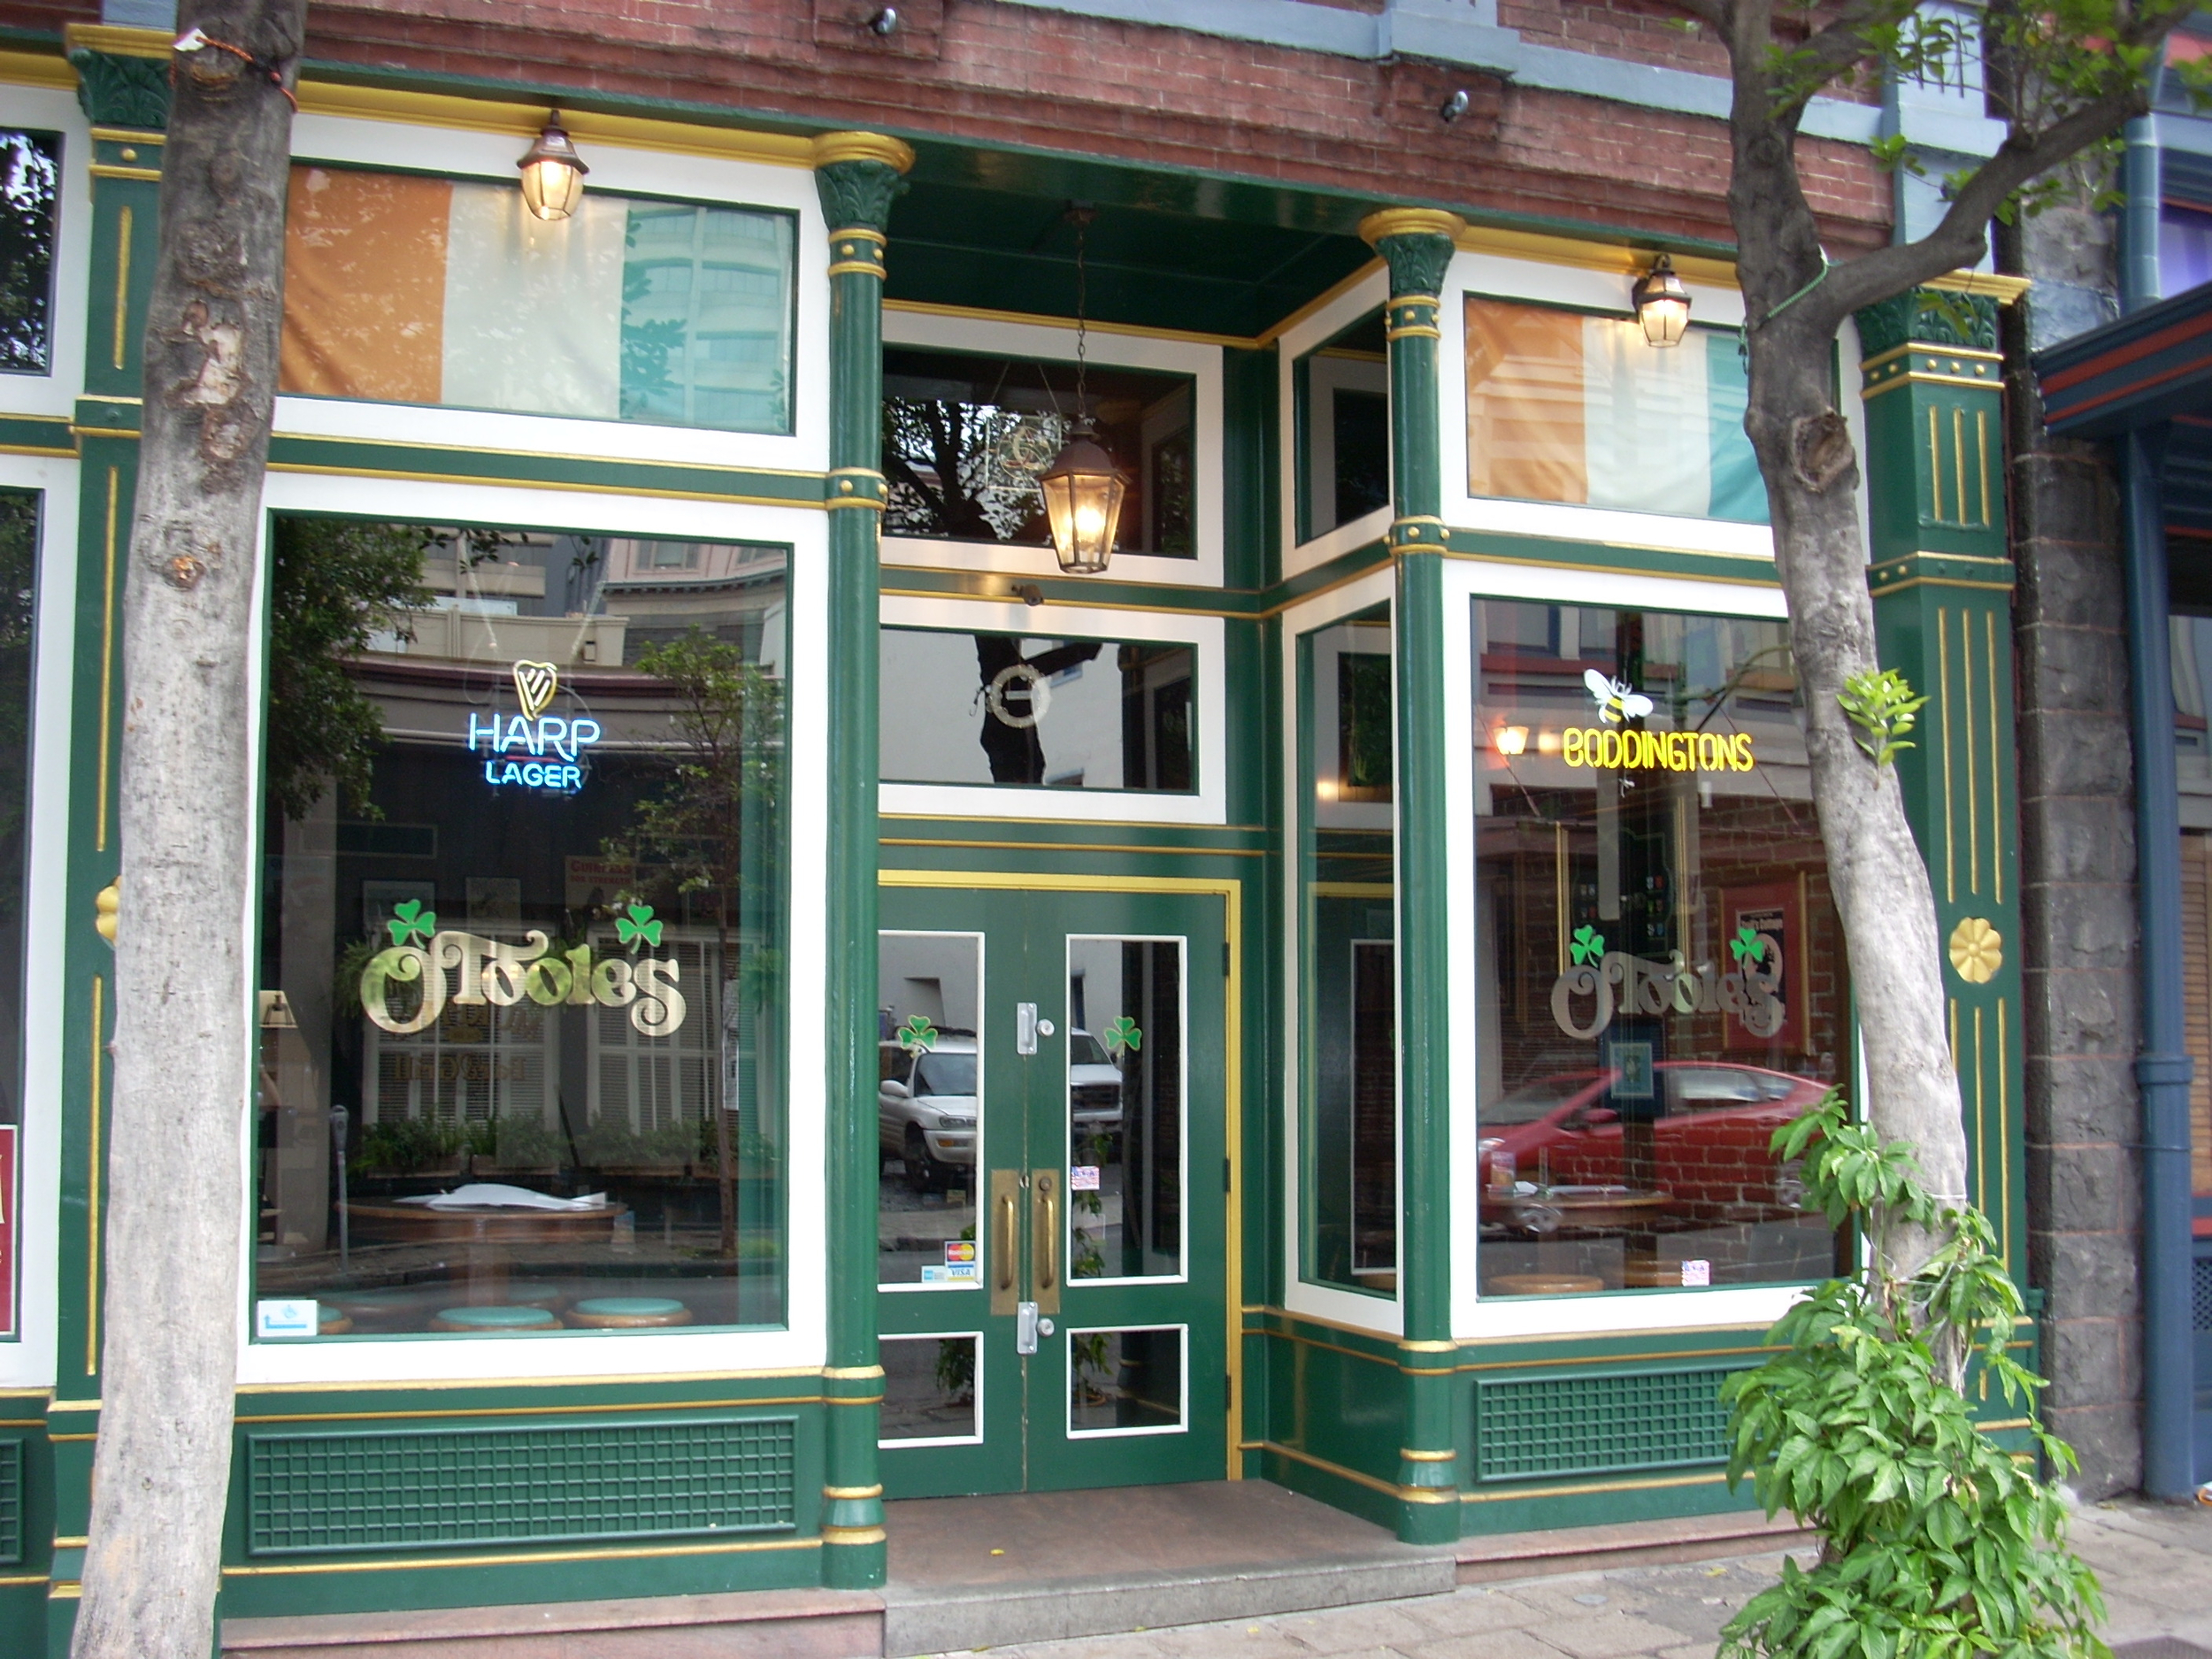 O'toole's Irish Pub - Nuuanu Avenue